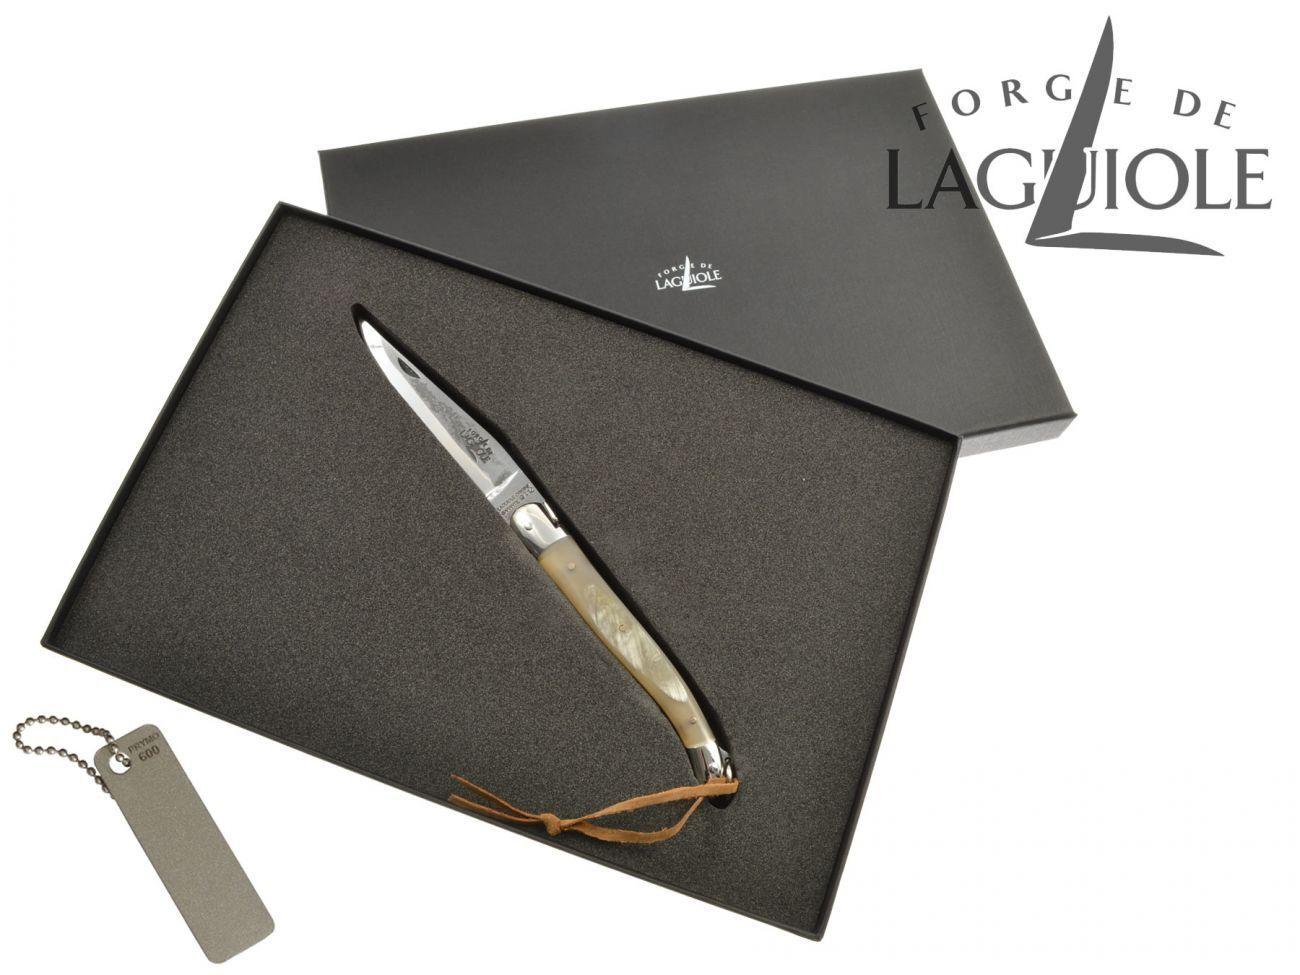 Forge de Laguiole Messer Taschenmesser 11 cm Rinderhorn glänzend matt + Schärfer